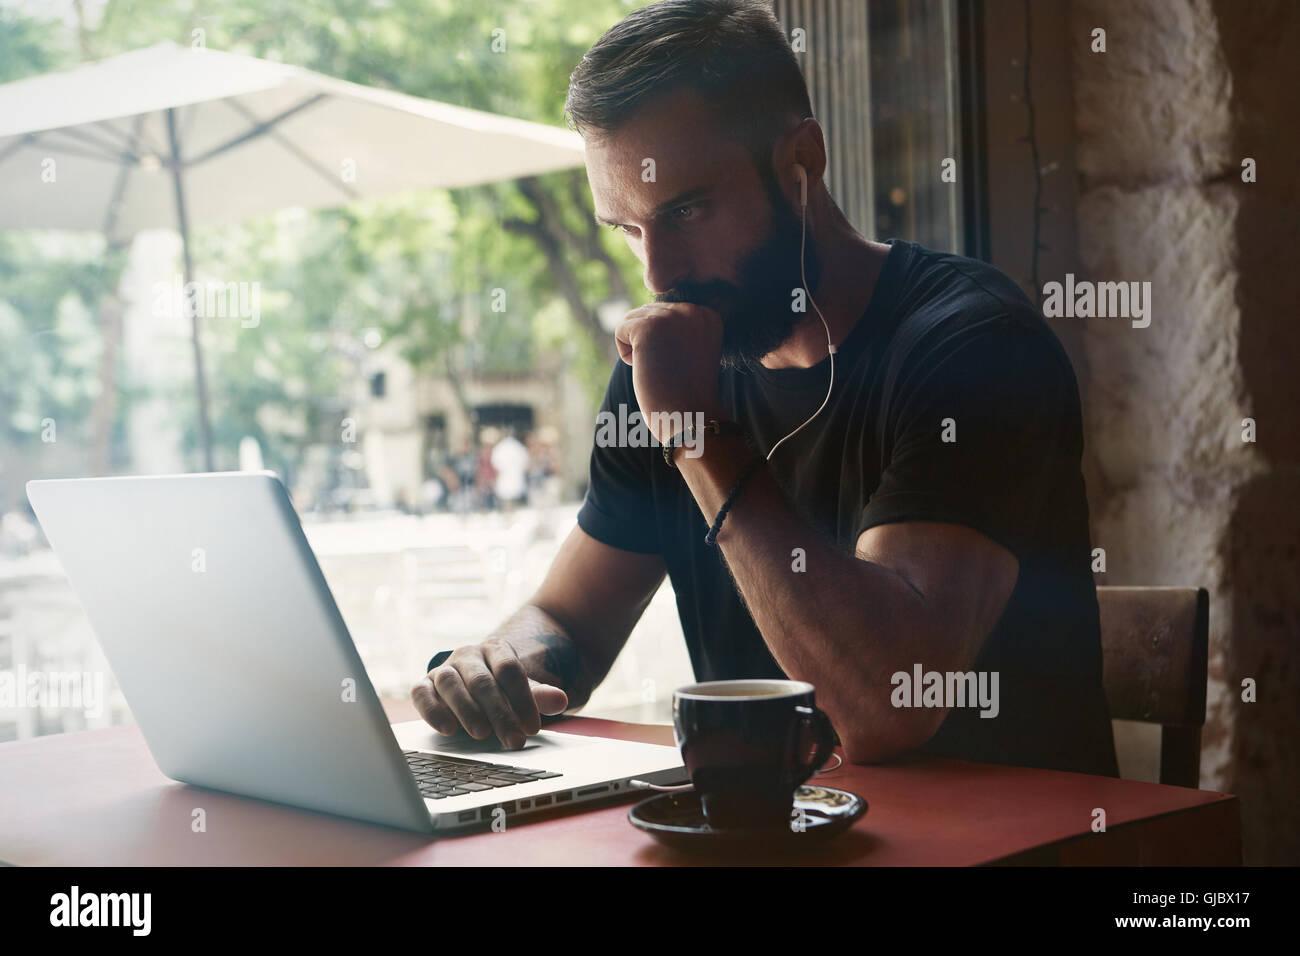 Jeune homme barbu concentré Tshirt vêtu de noir pour ordinateur portable de travail Urban Cafe.homme assis Photo Stock